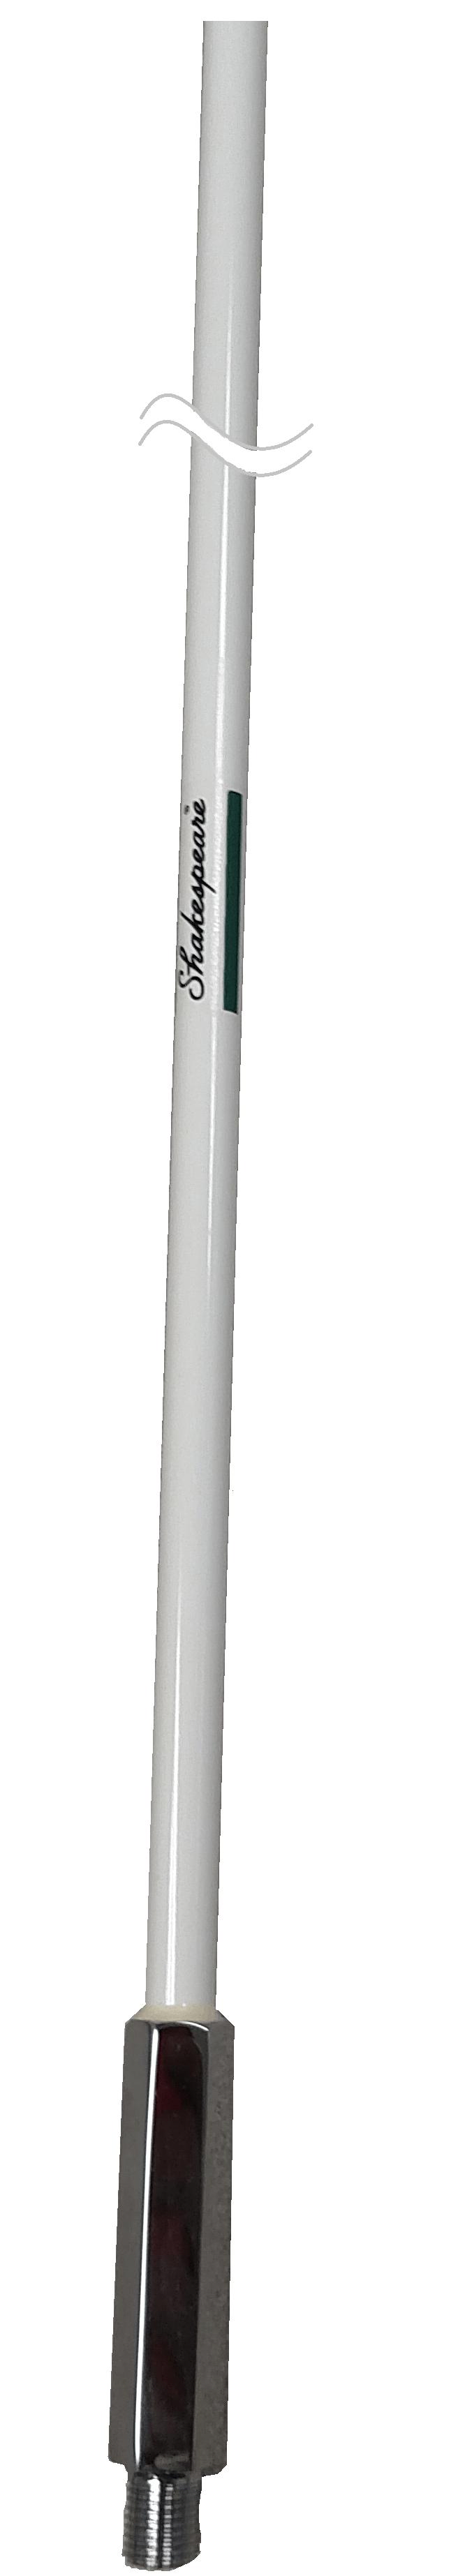 103 - Shakespeare 8 Foot Loran C Marine Antenna